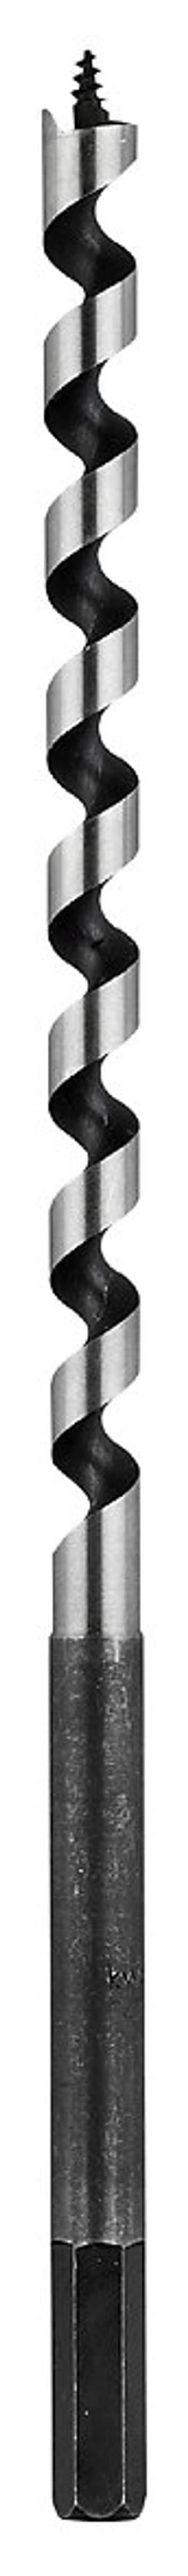 Schlangenbohrer, 235 mm, ø 6,0 mm